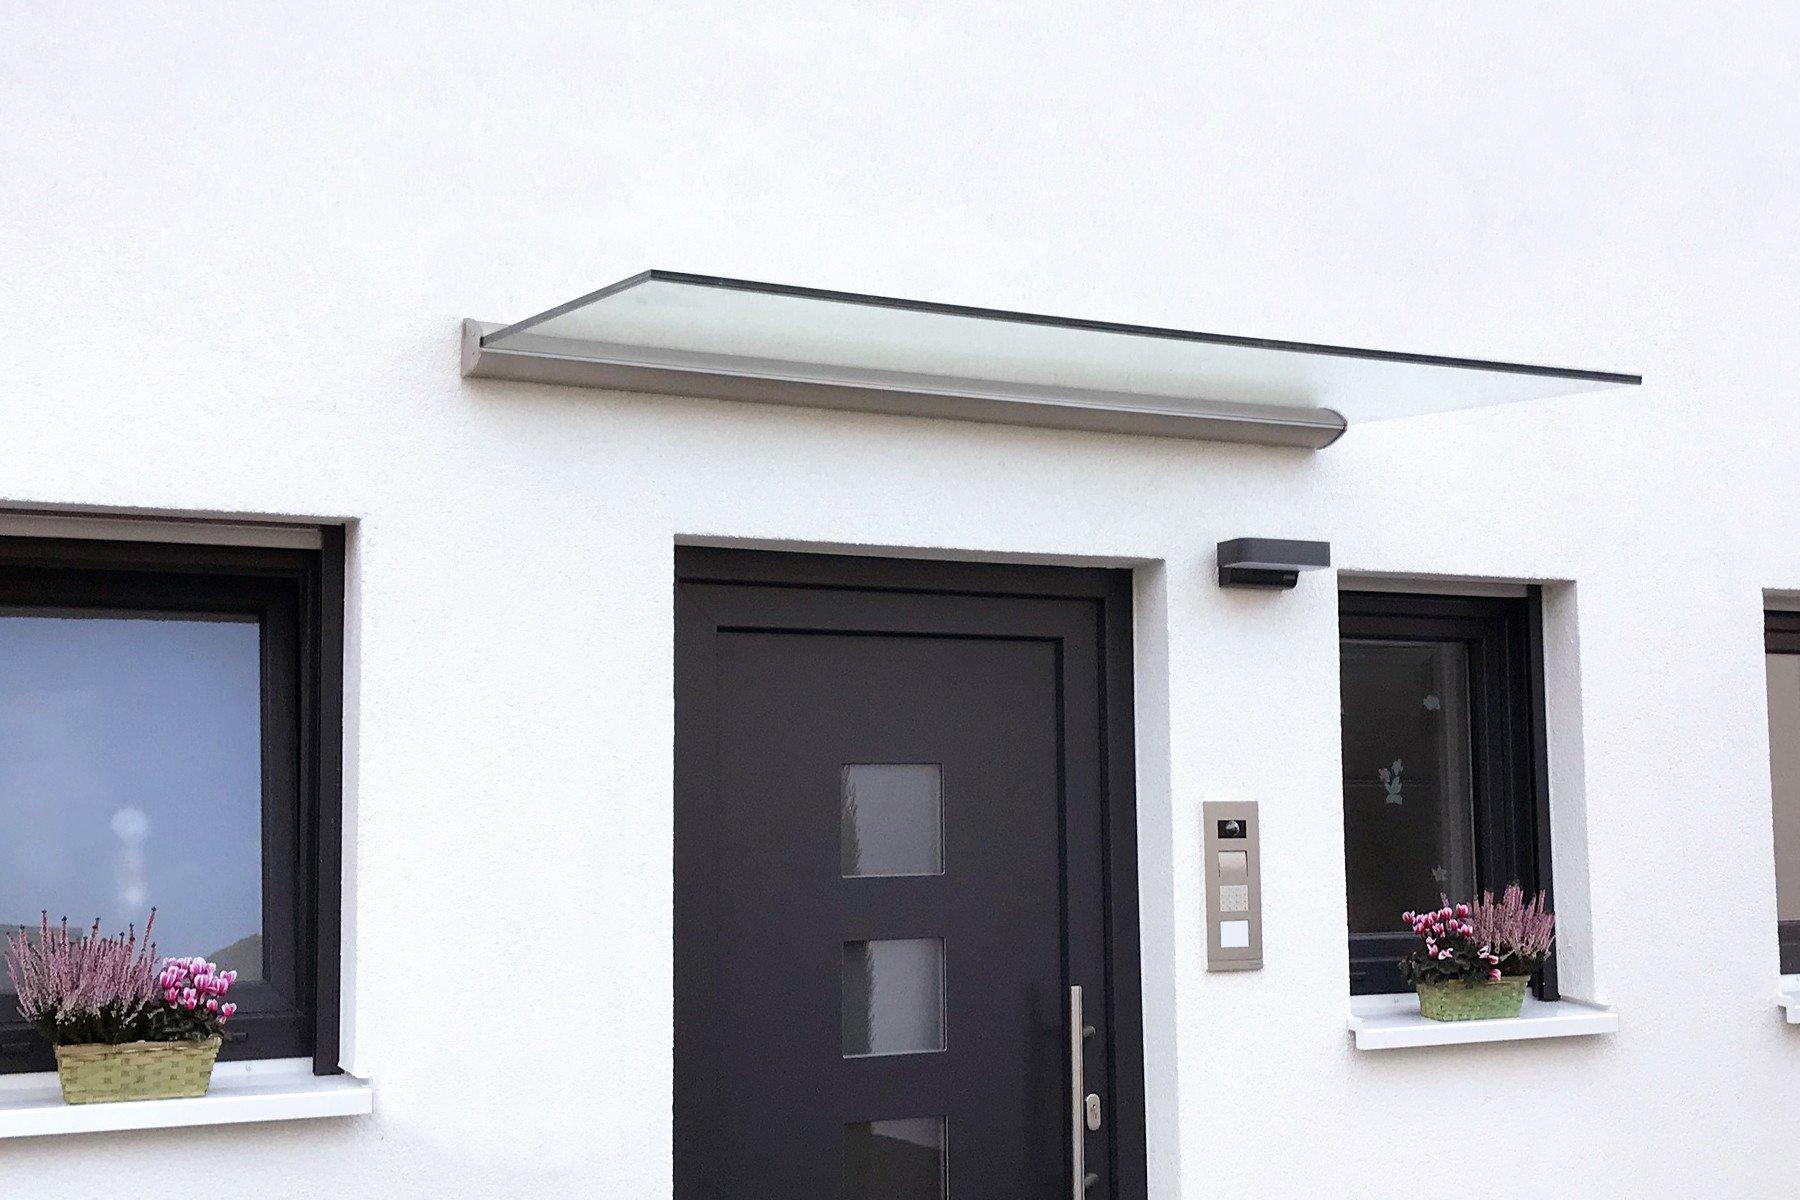 Vordach aus Glas freitragend